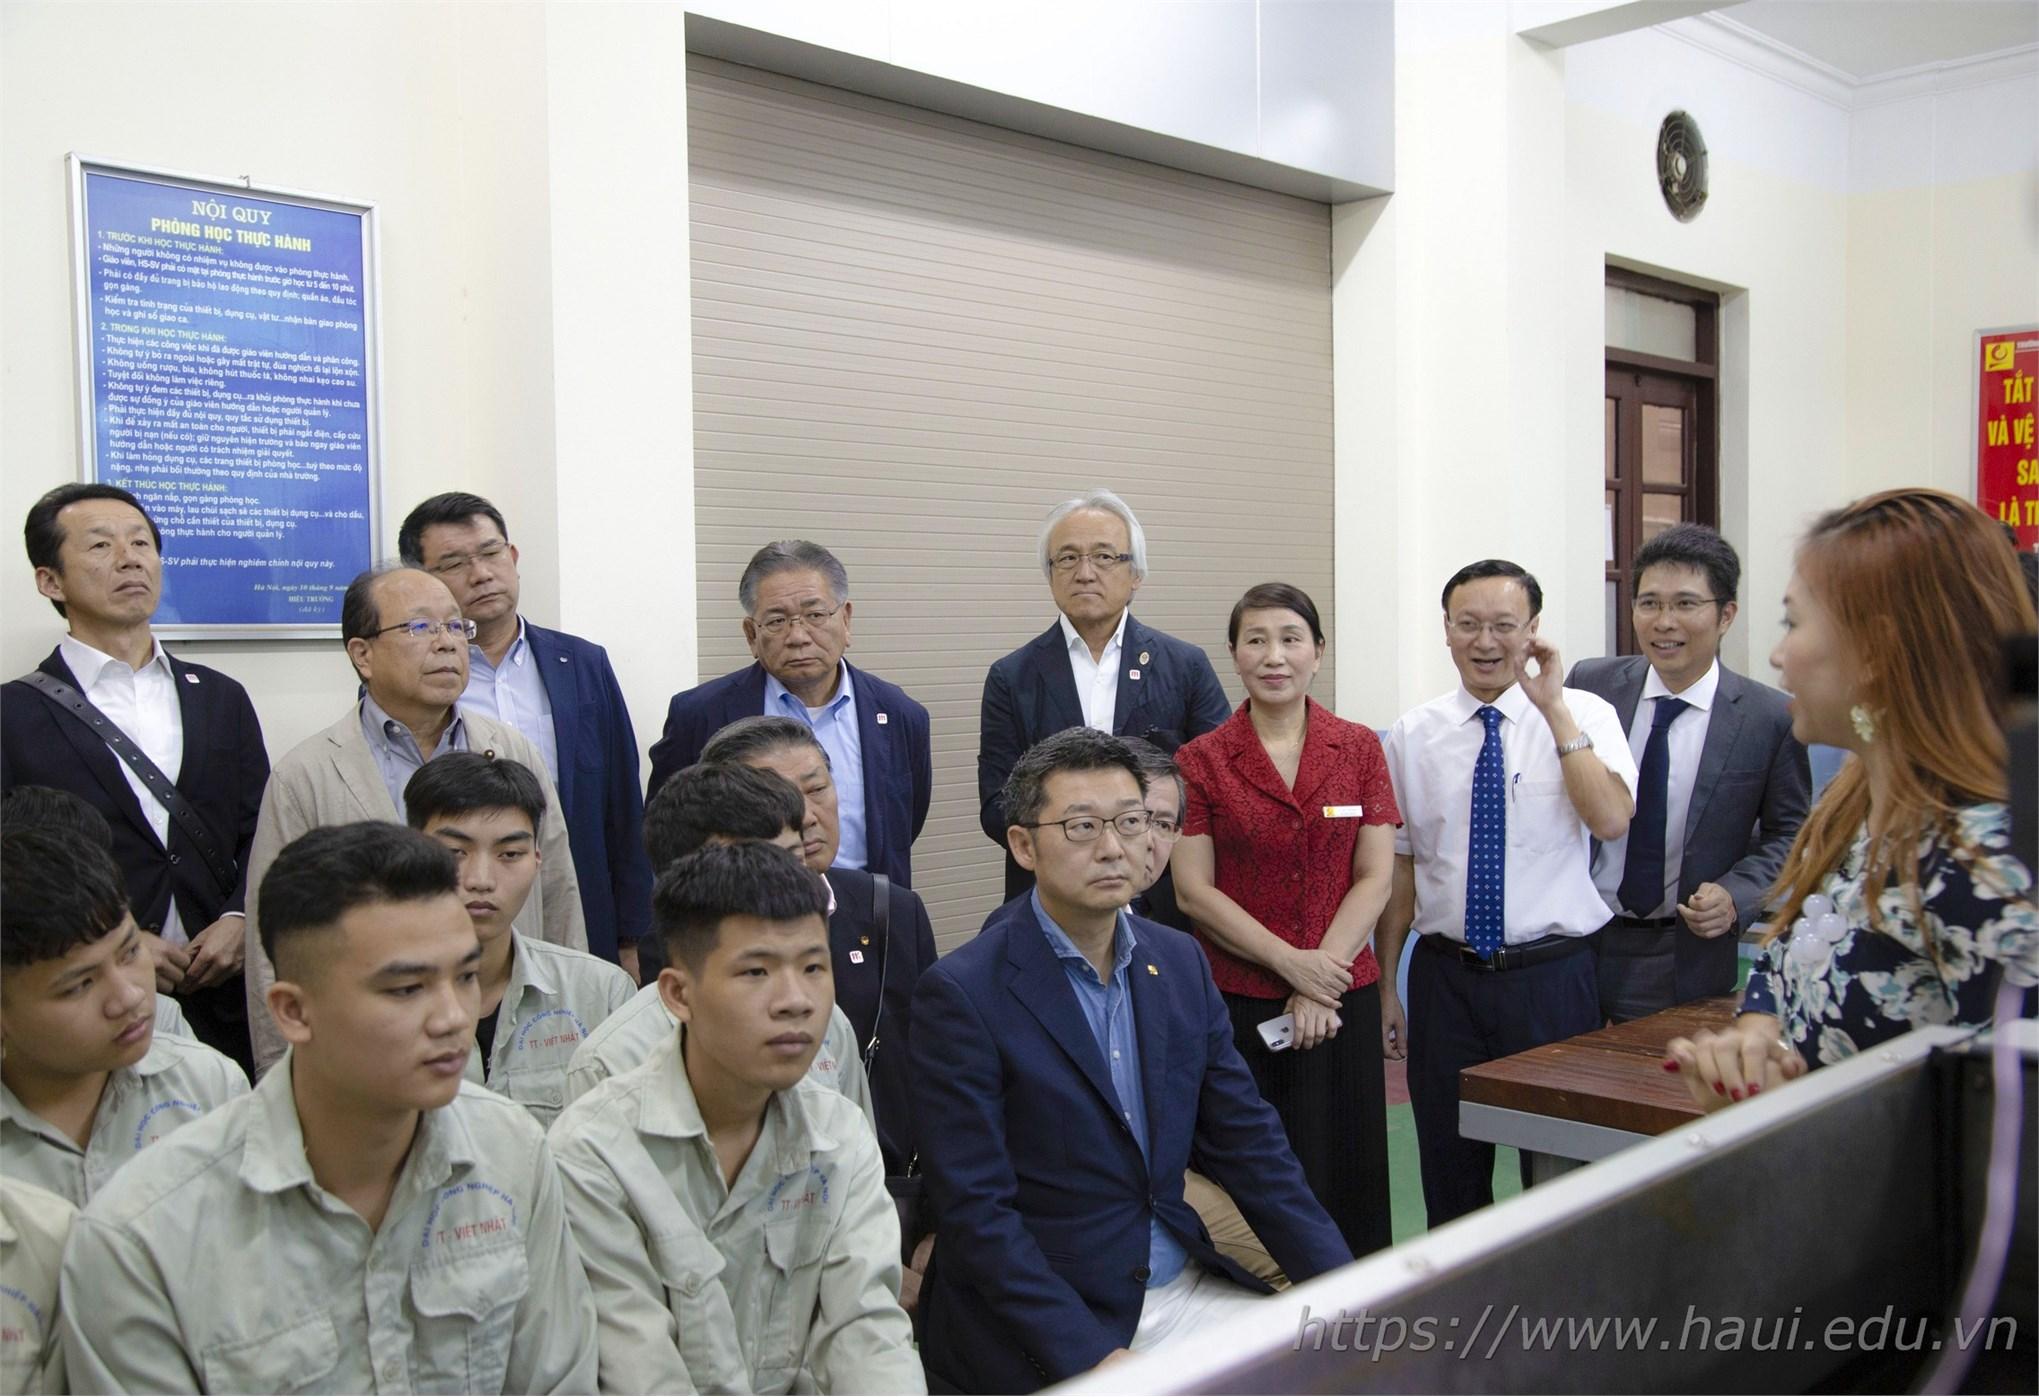 Đại học Công nghiệp Hà Nội mở rộng hợp tác với tỉnh Fukuoka (Nhật Bản)